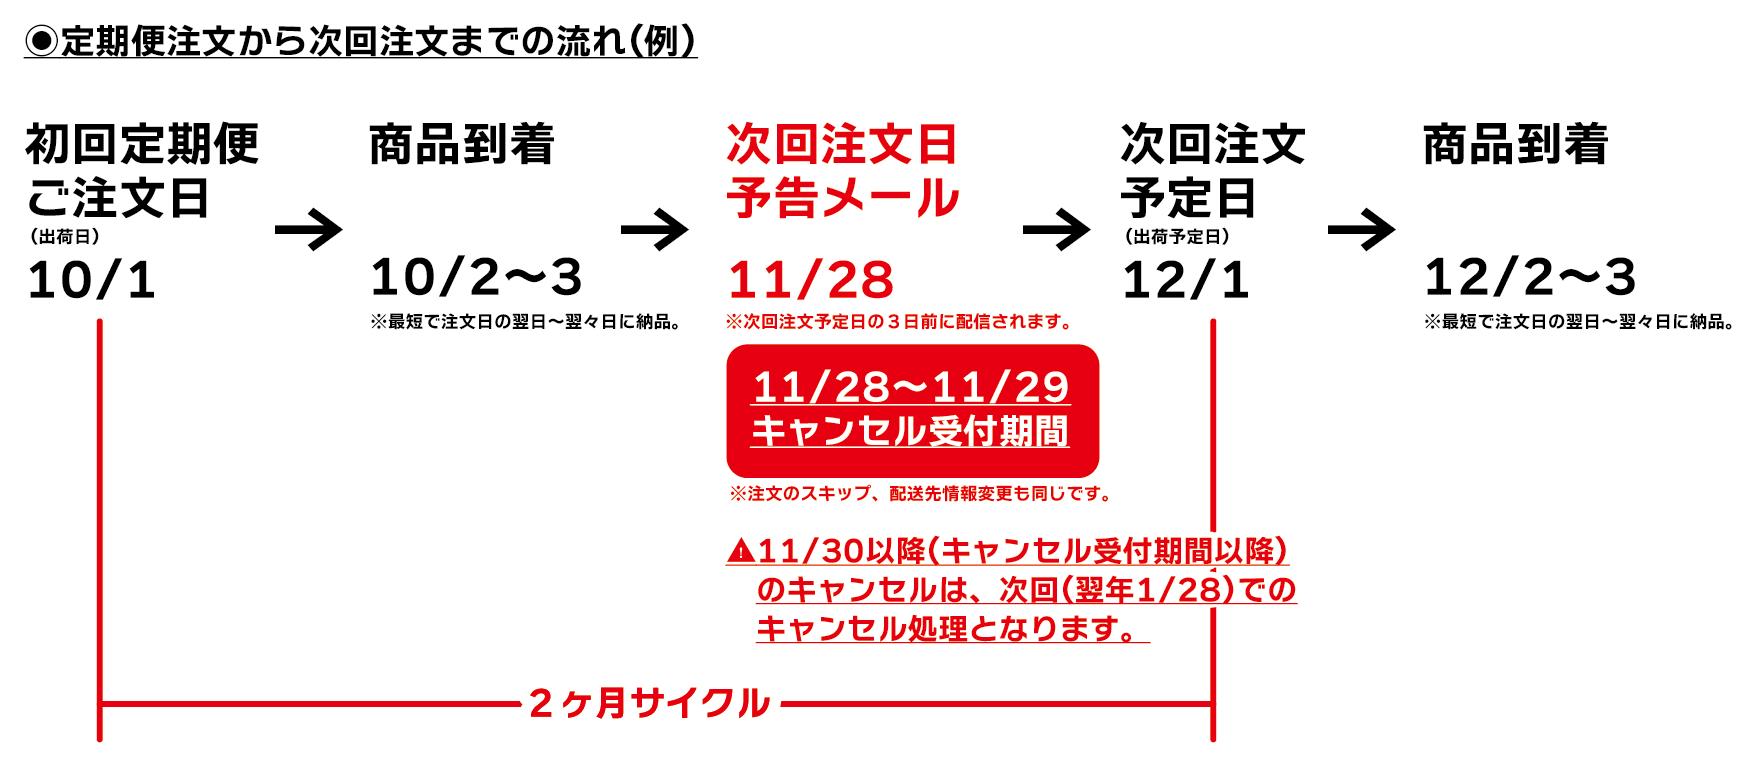 定期便のキャンセル・次回注文スキップ、お客様情報変更の手続きについて